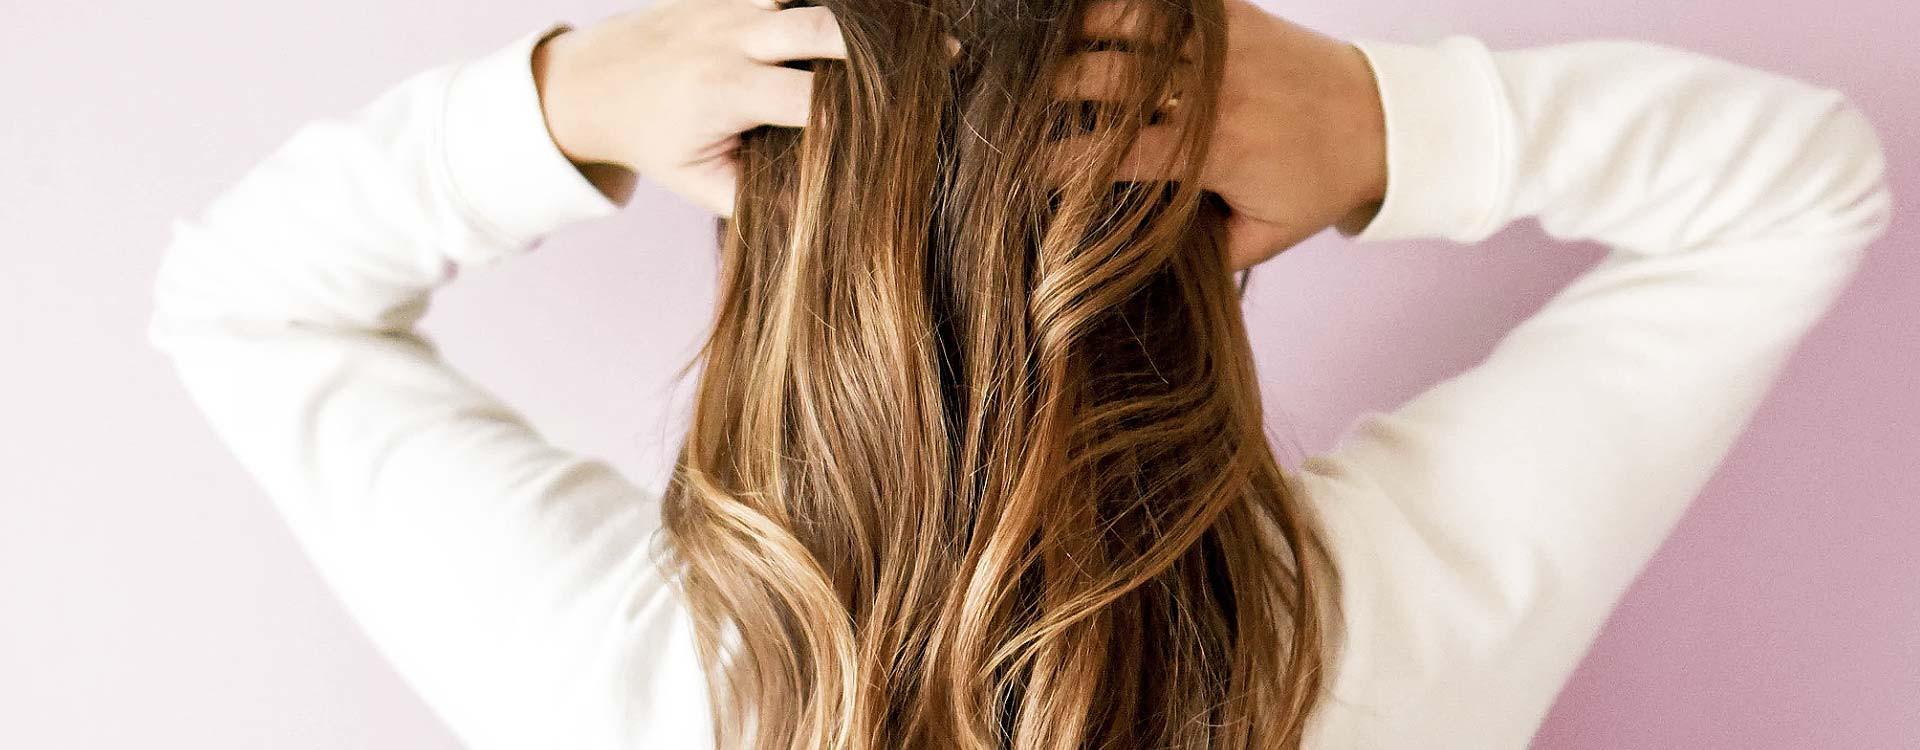 Niezawodny ratunek dla zniszczonych włosów. Poznaj kosmetyki Xtense Code!